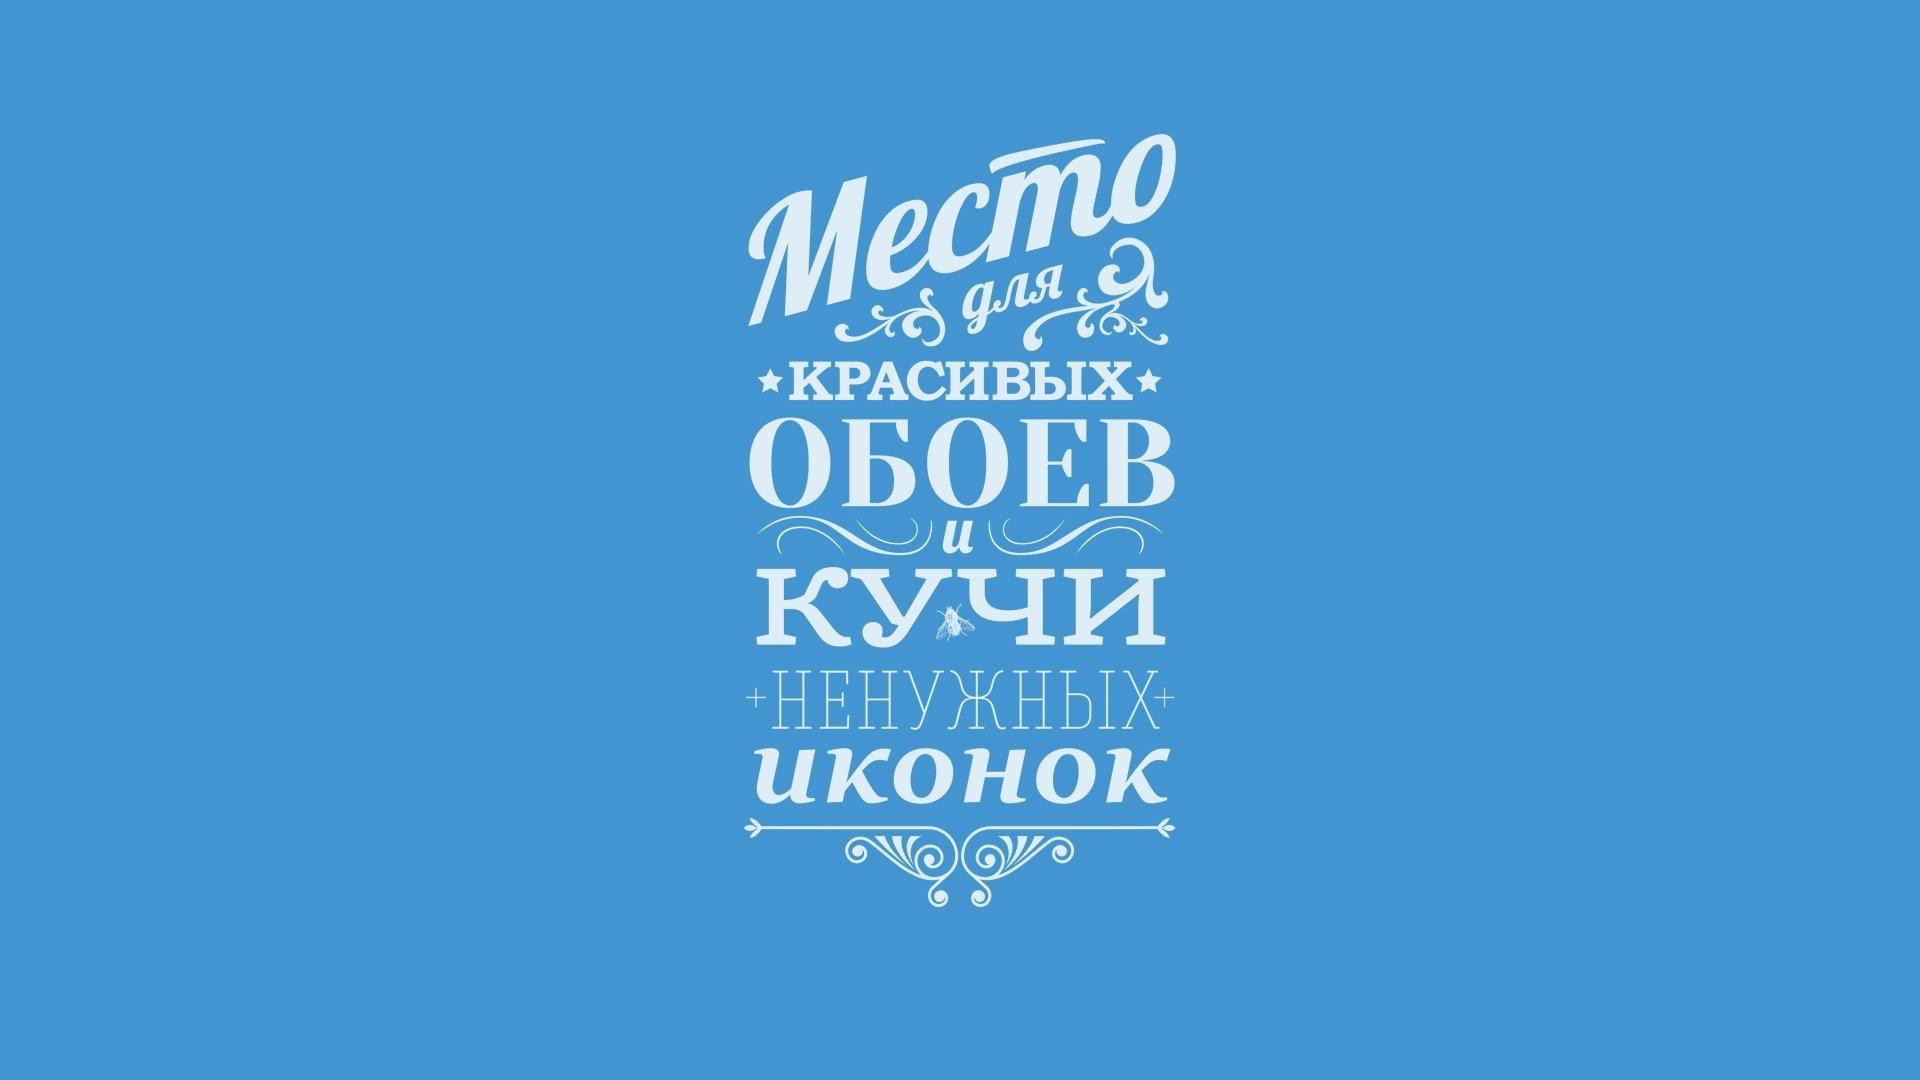 Обои с русскими надписями вертикально